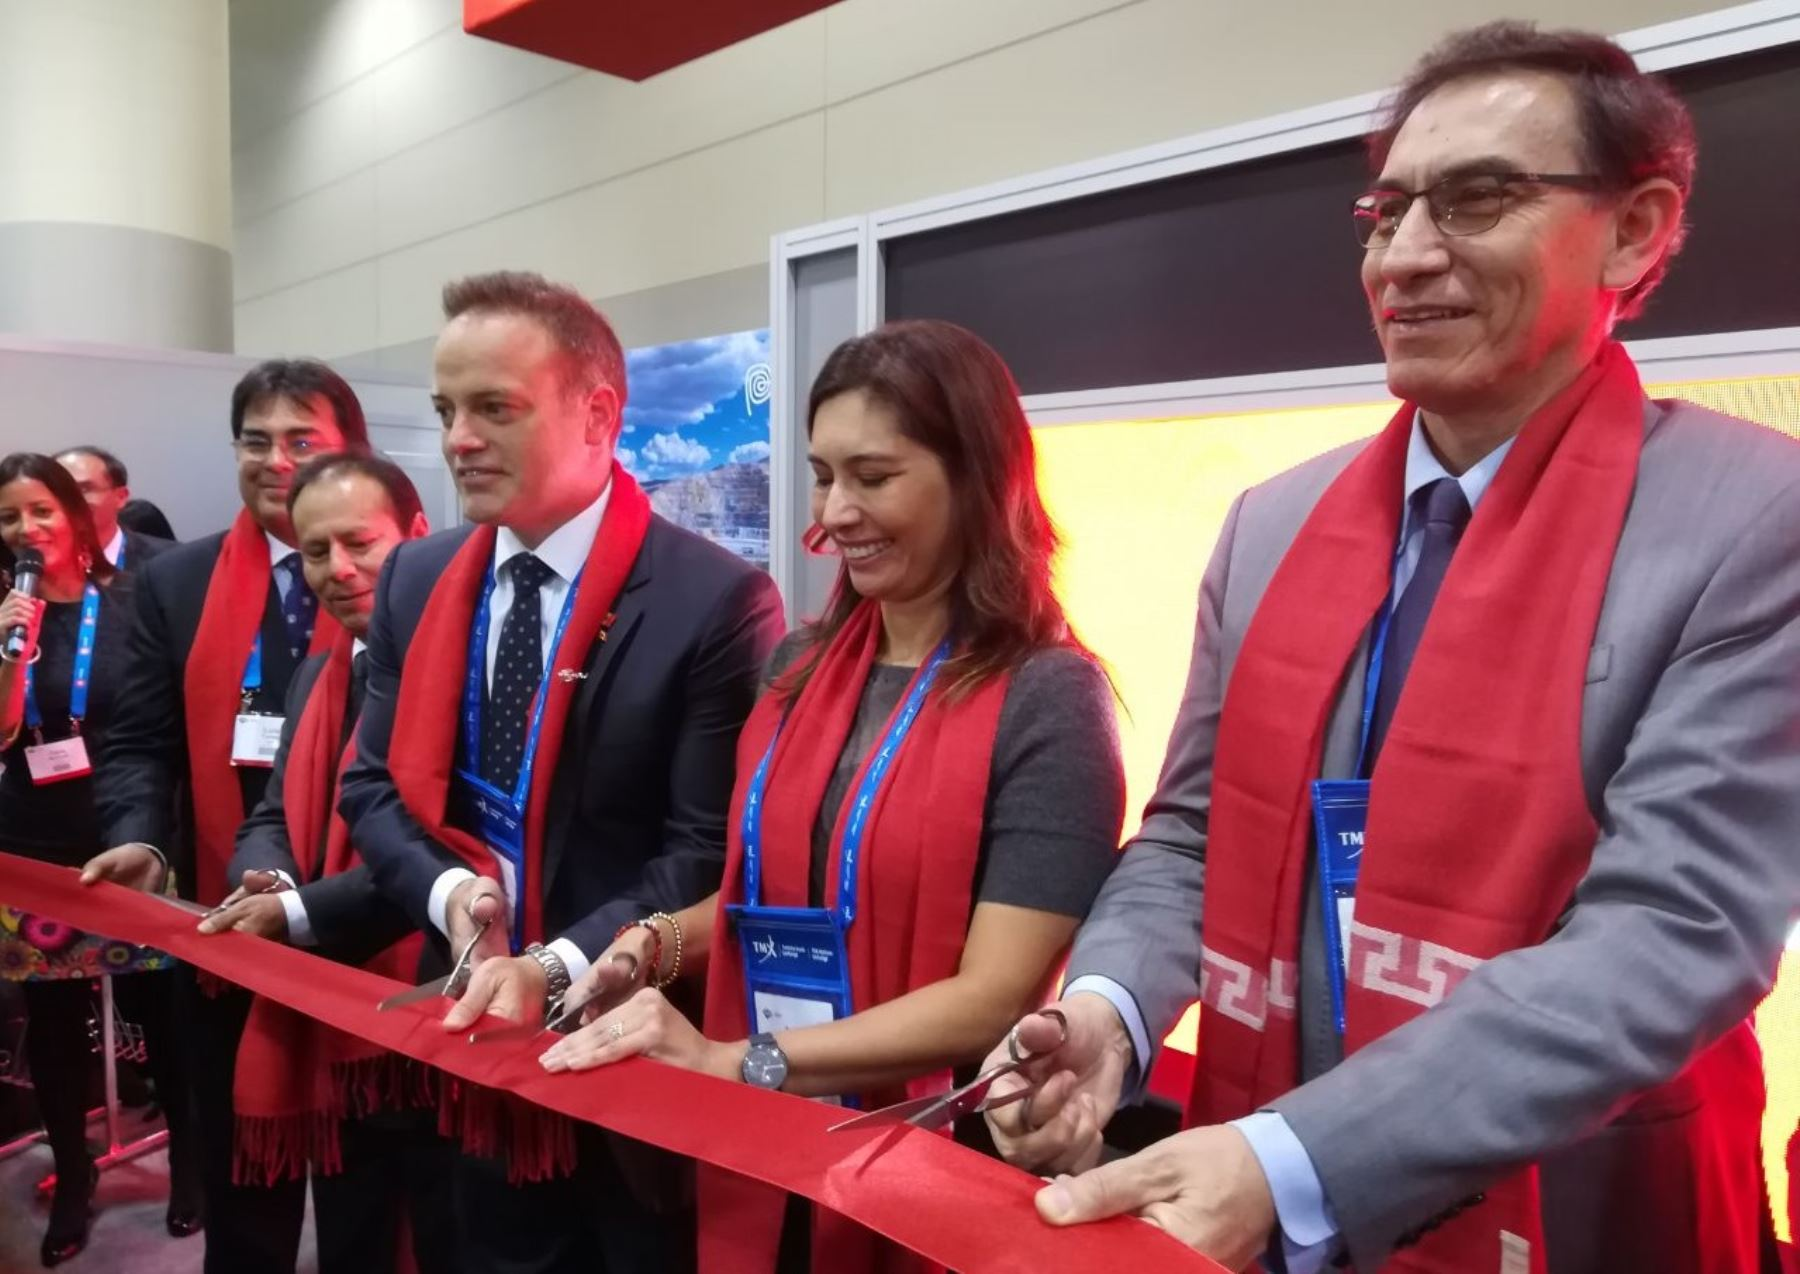 Ministra de Energía y Minas, Ángela Grossheim, y el vicepresidente de la República, Martín Vizcarra en inauguración de Stand Peruano en feria minera de Canadá PDAC 2018. Foto: Cortesía.